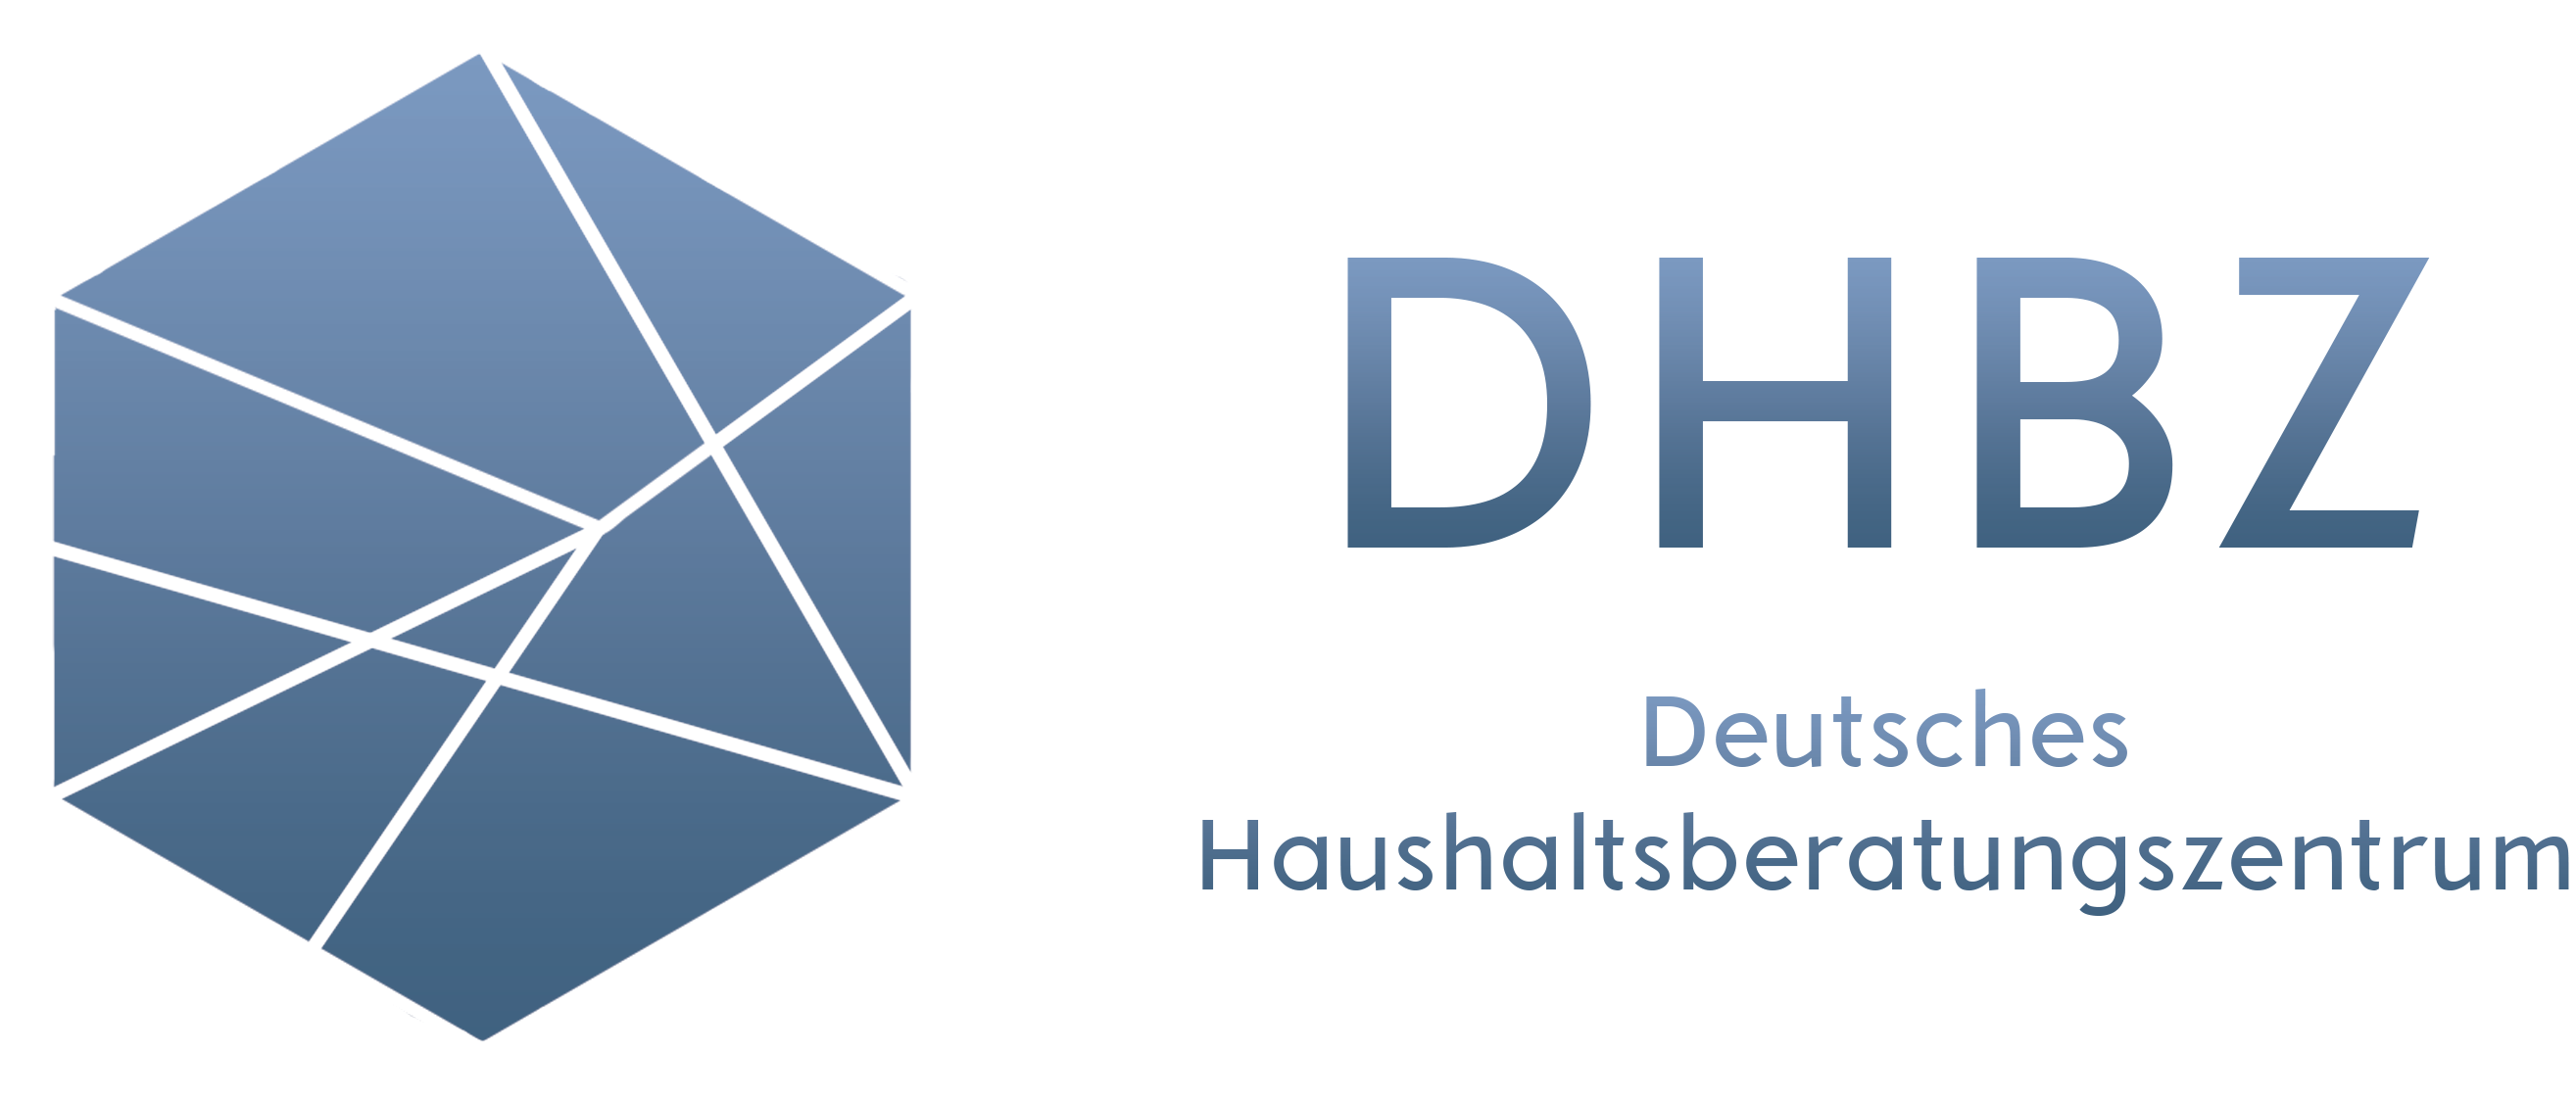 Deutsches Haushaltsberatungszentrum